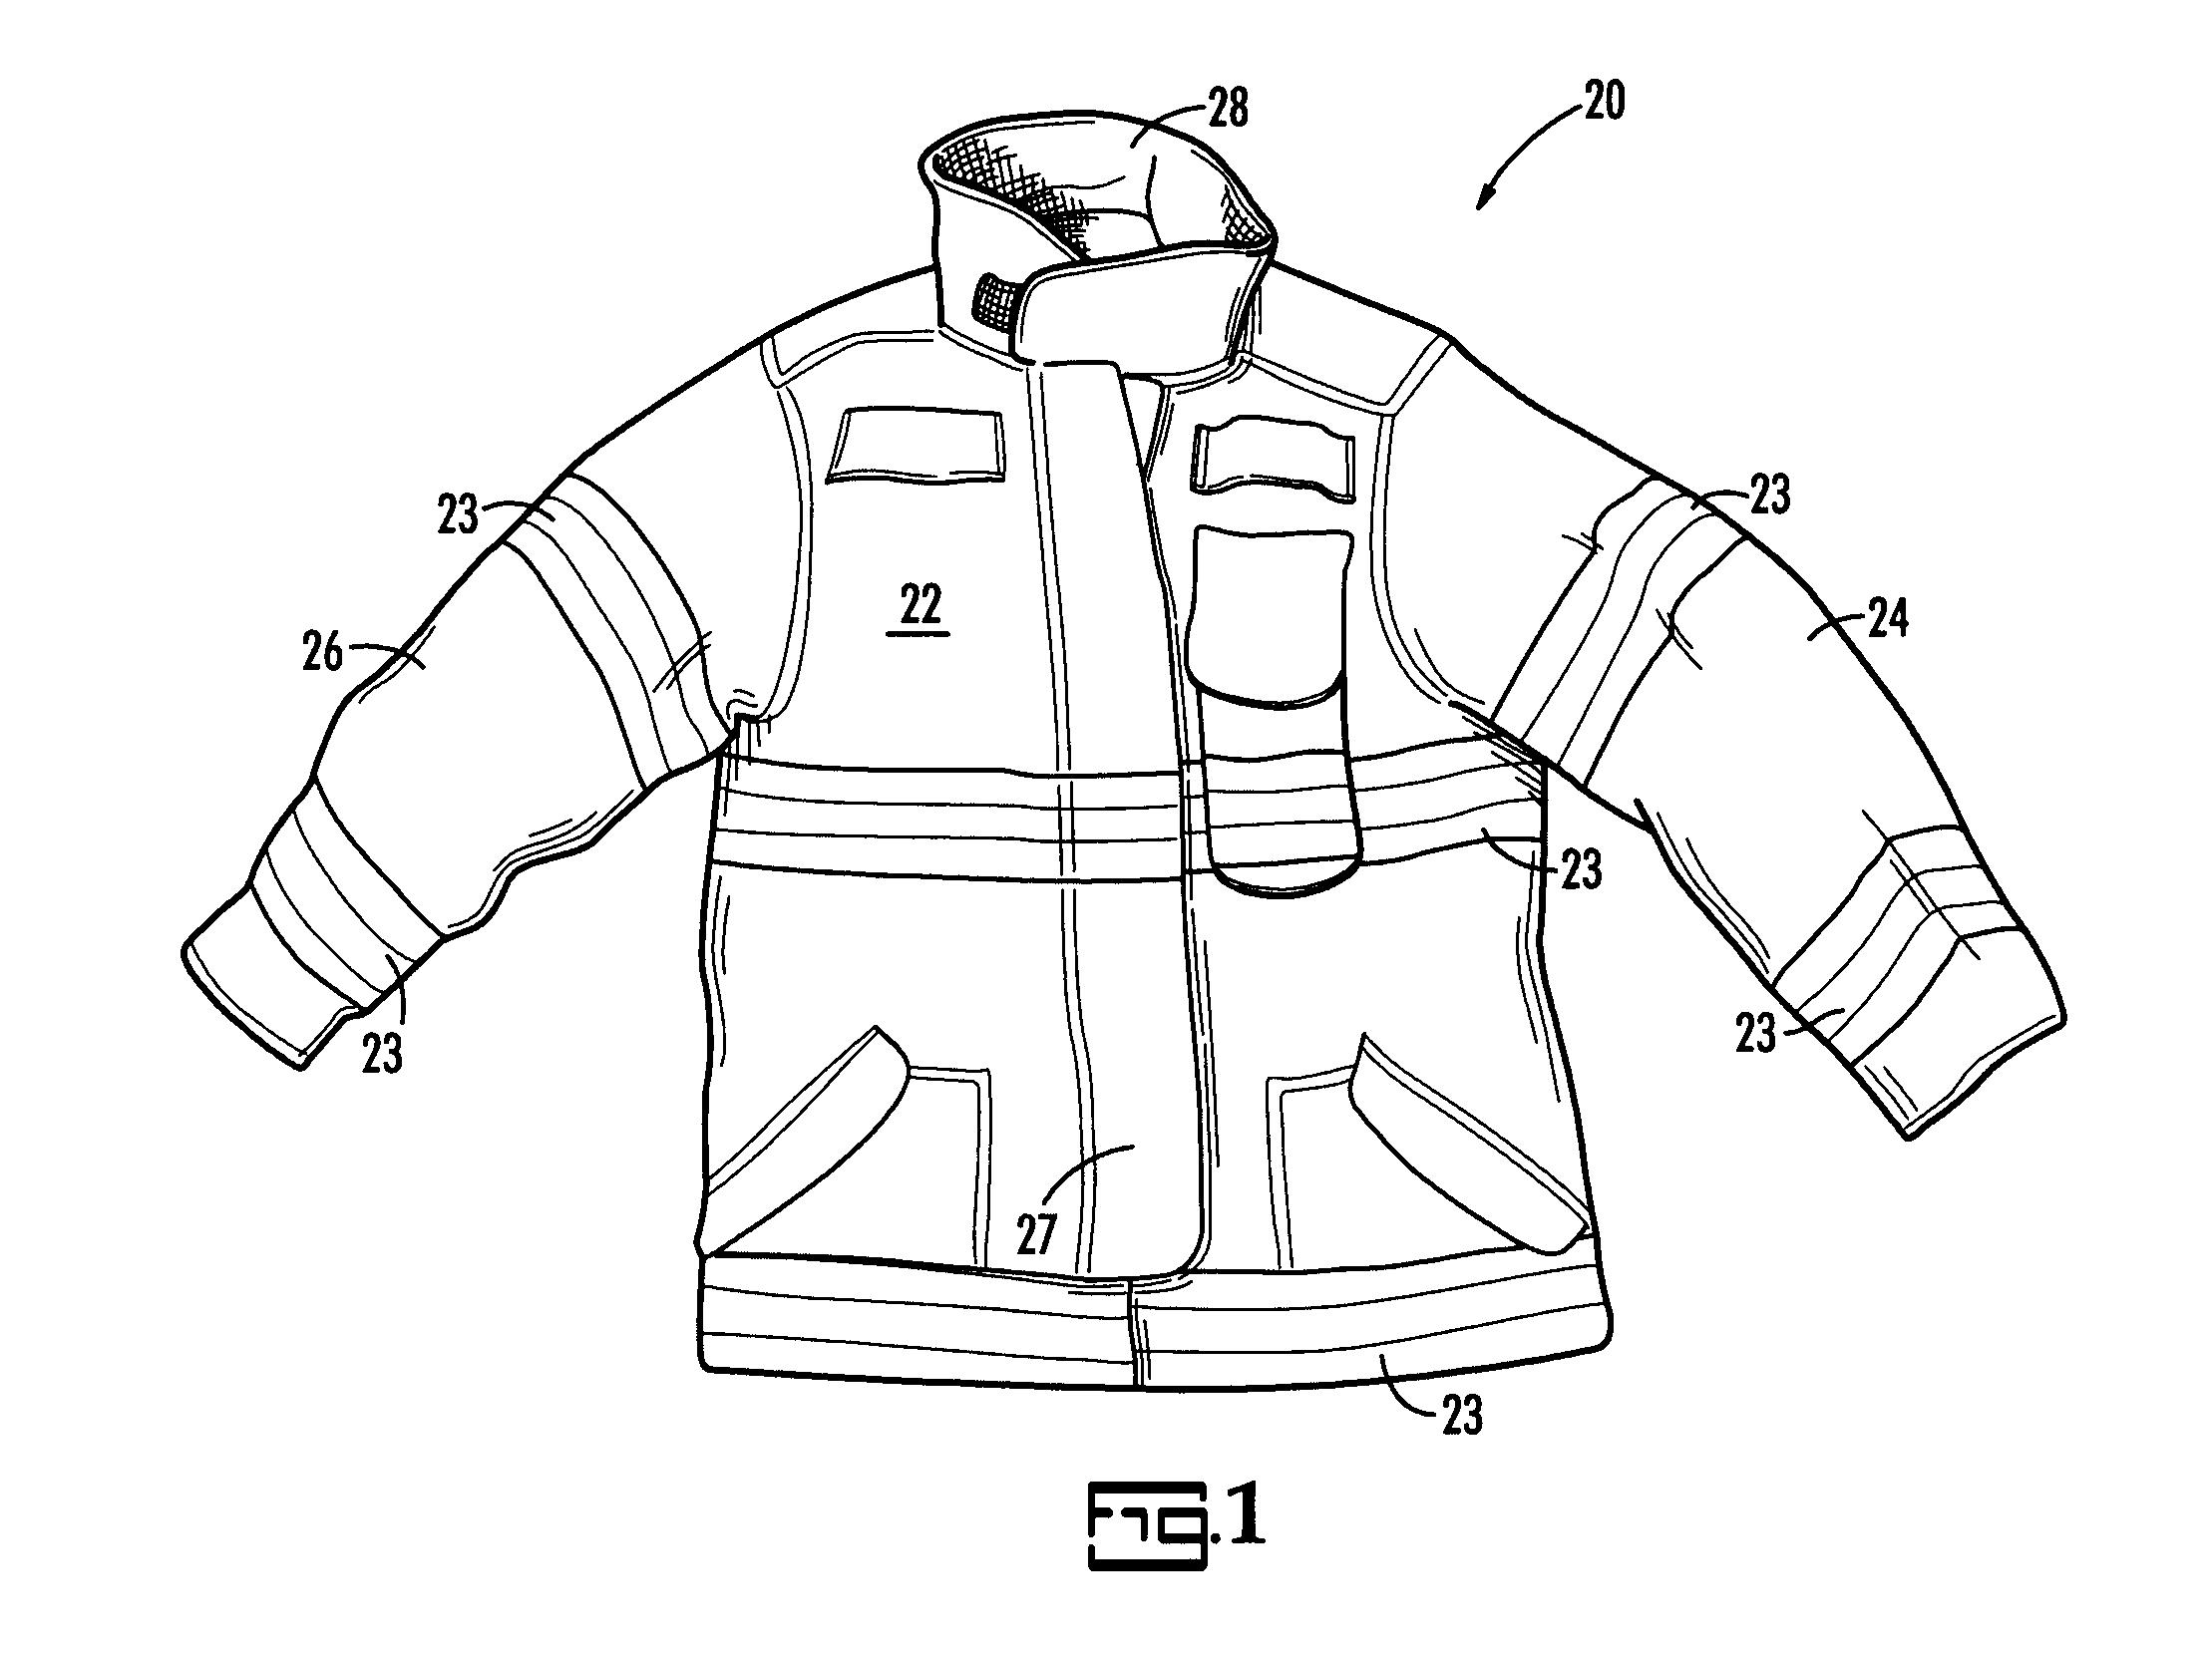 patente us8430204 - rapid rescue apparatus